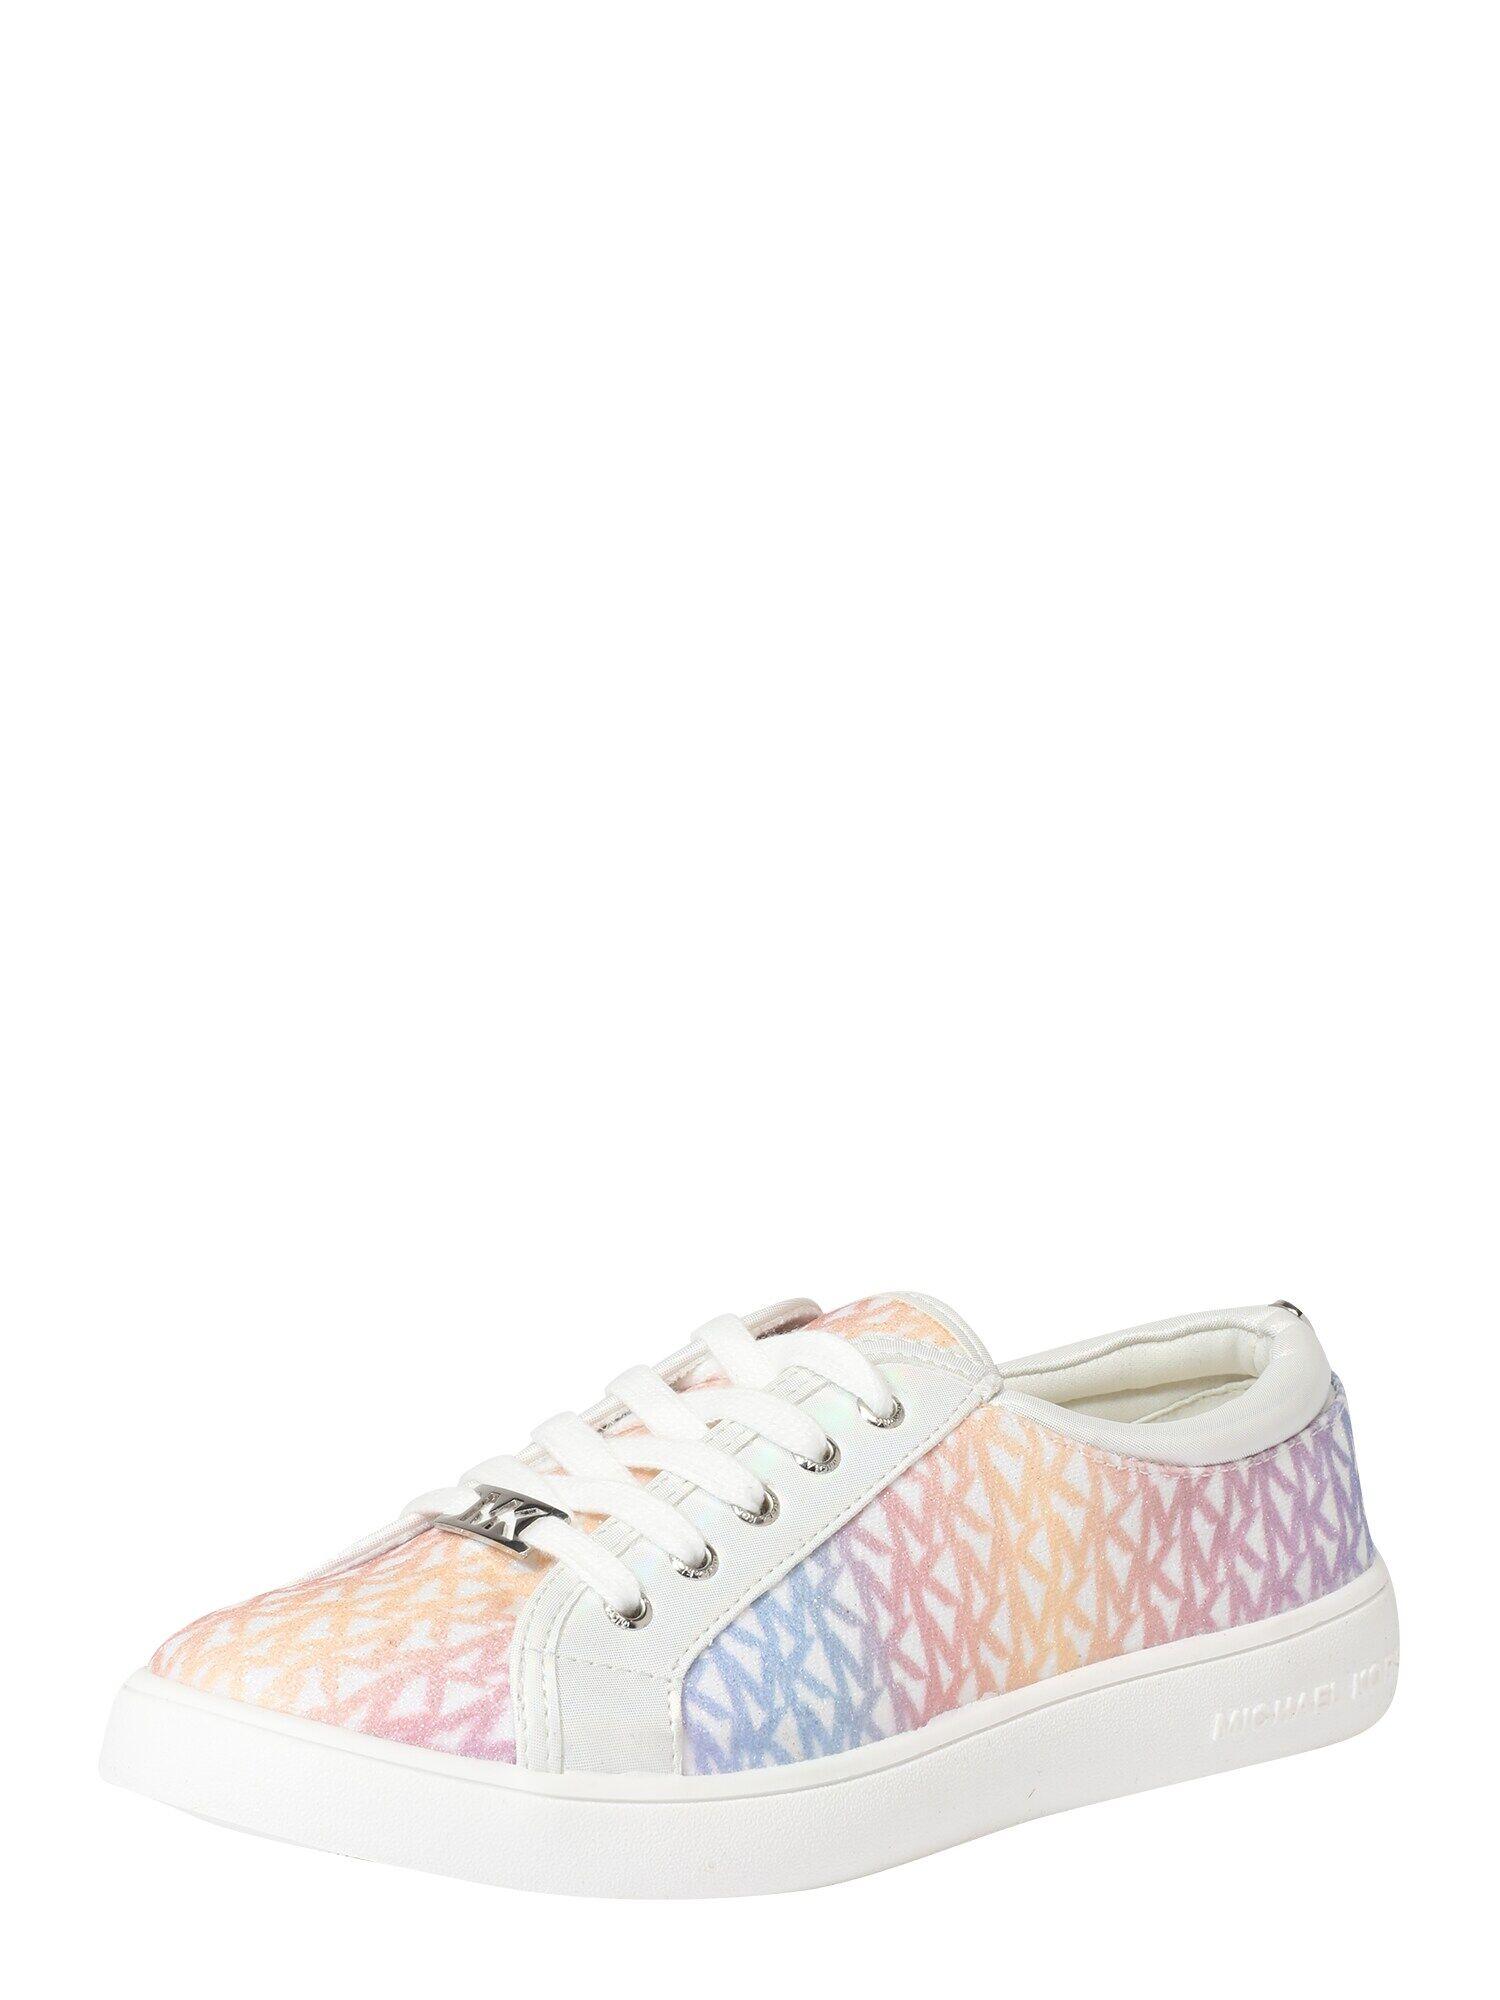 Michael Kors Sneaker 'JEM MIRACLE' Colori Misti